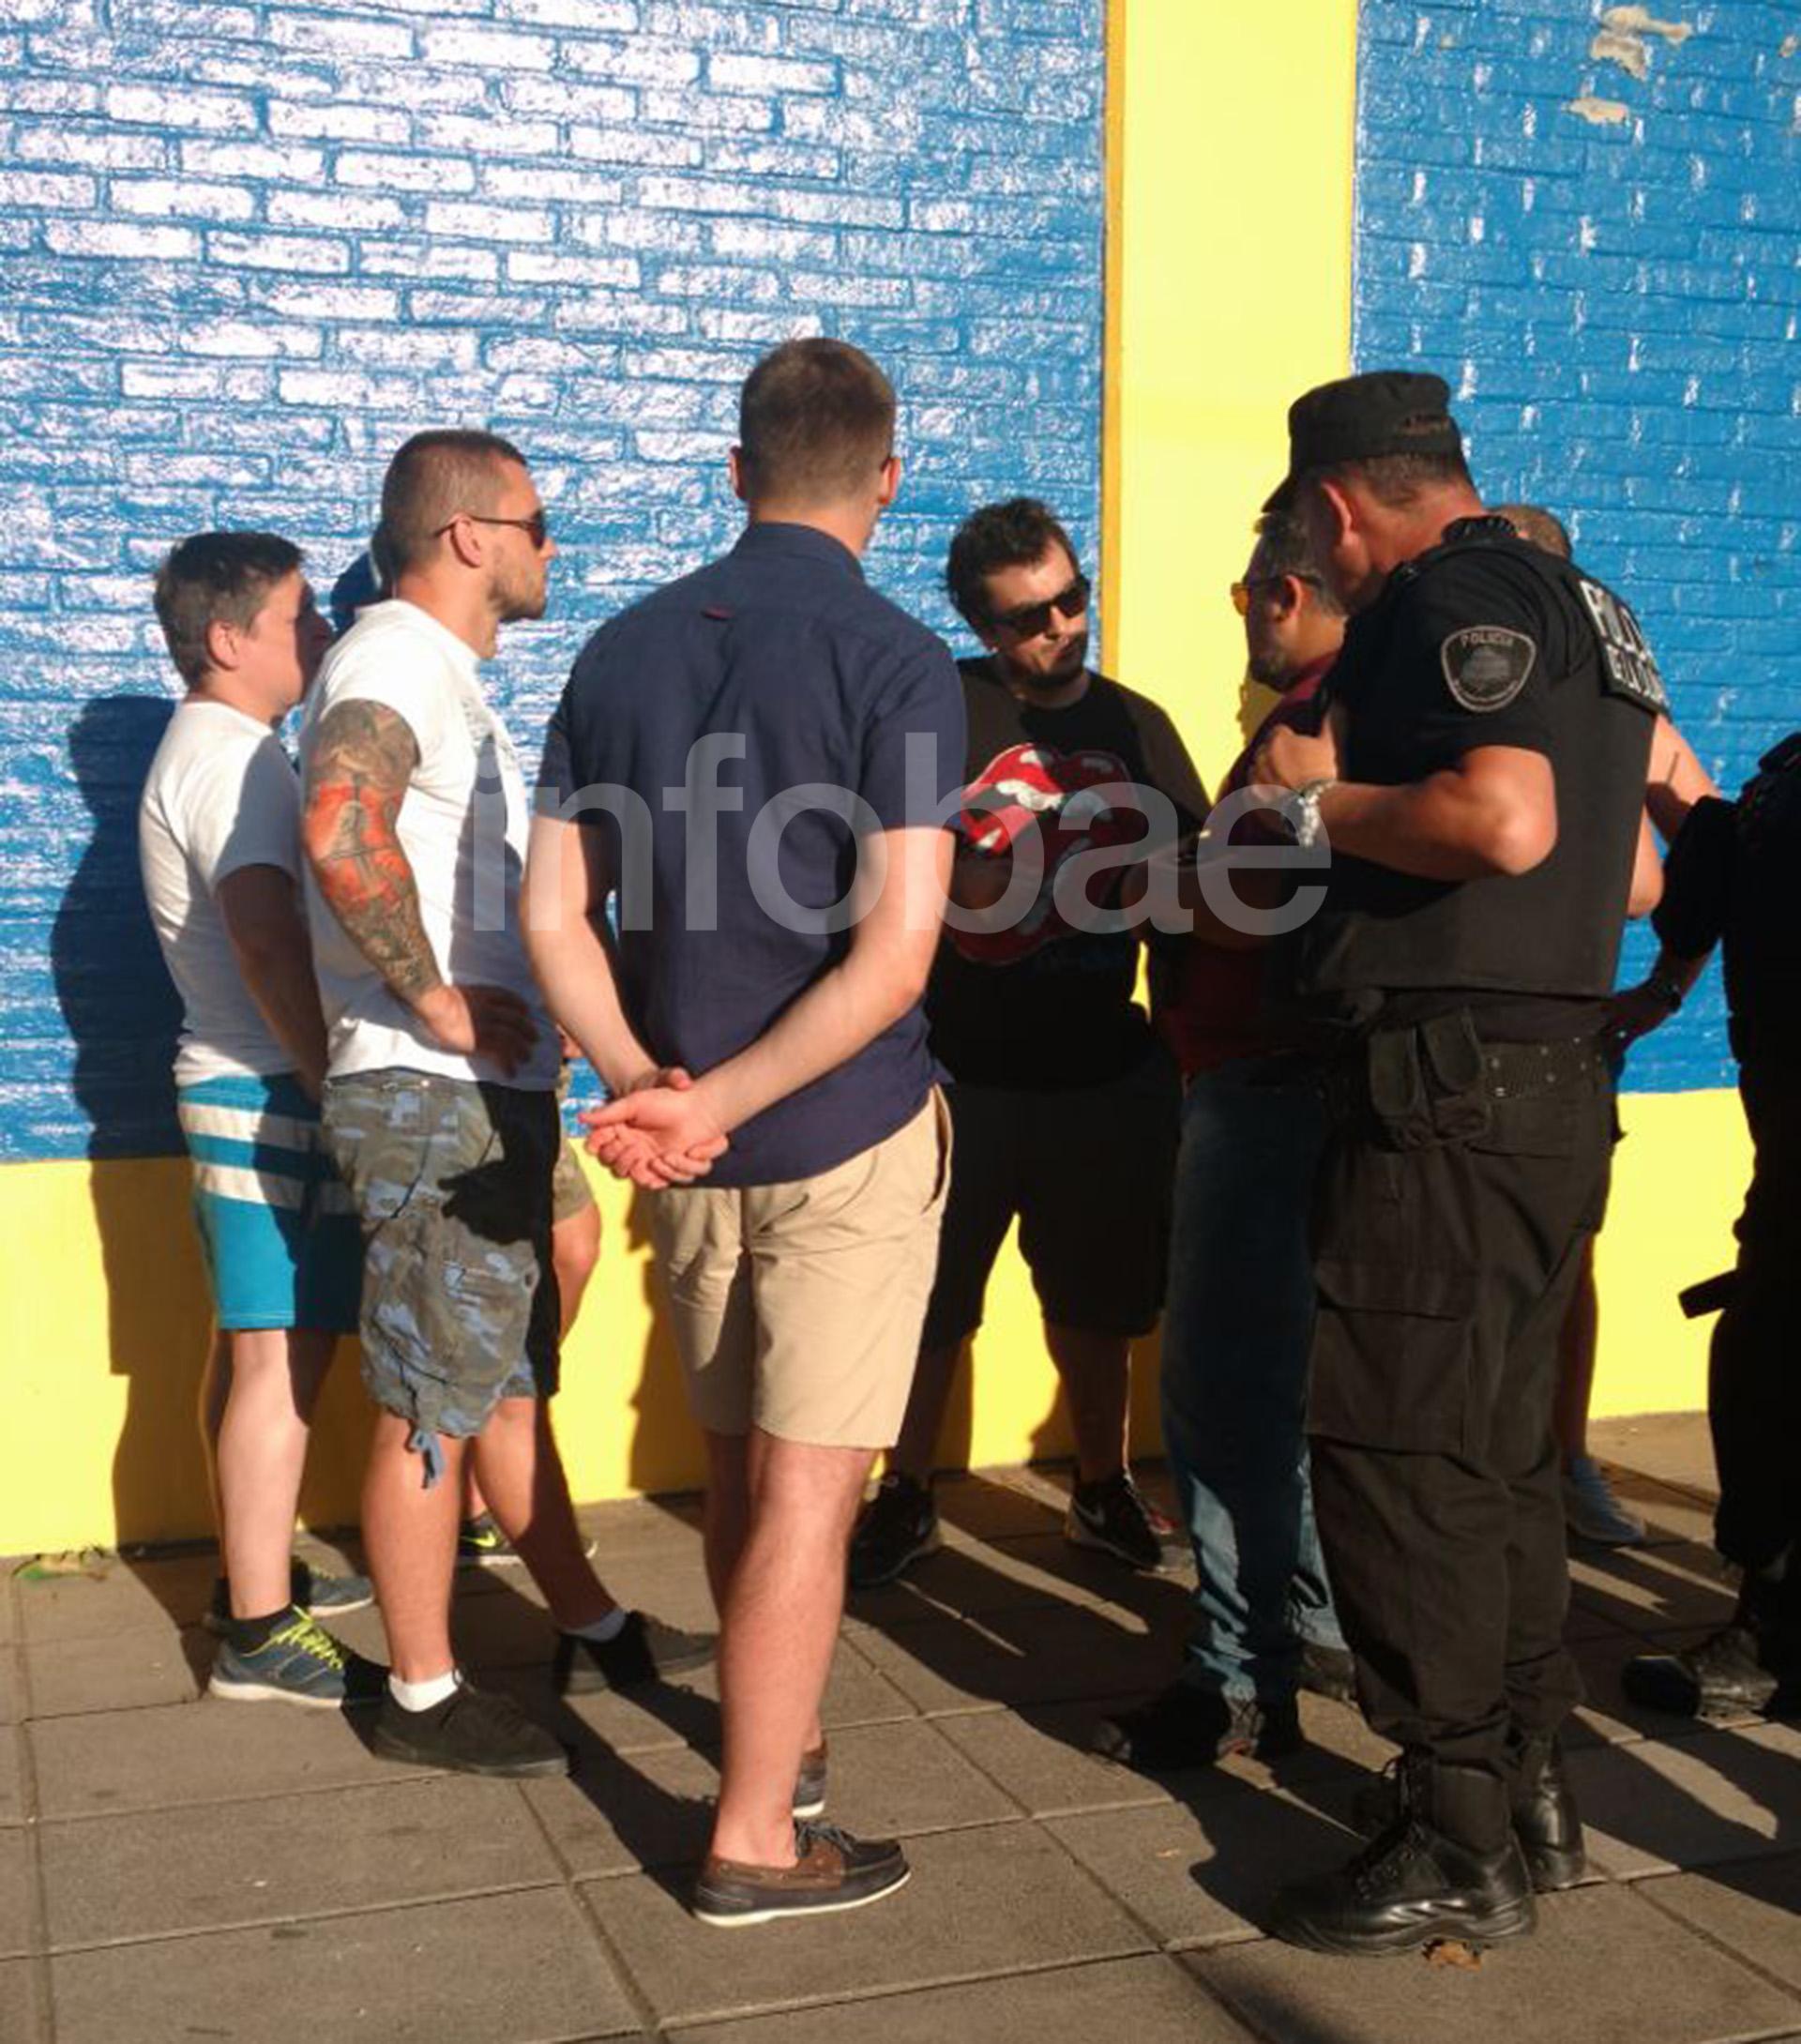 Los hinchas rusos fueron a La Bombonera con carnets que les entregaron los barras. La policía se dio cuenta de que no eran socios y como no tenían identificaciones terminaron con una causa contravencional en la fiscalía de la Ciudad